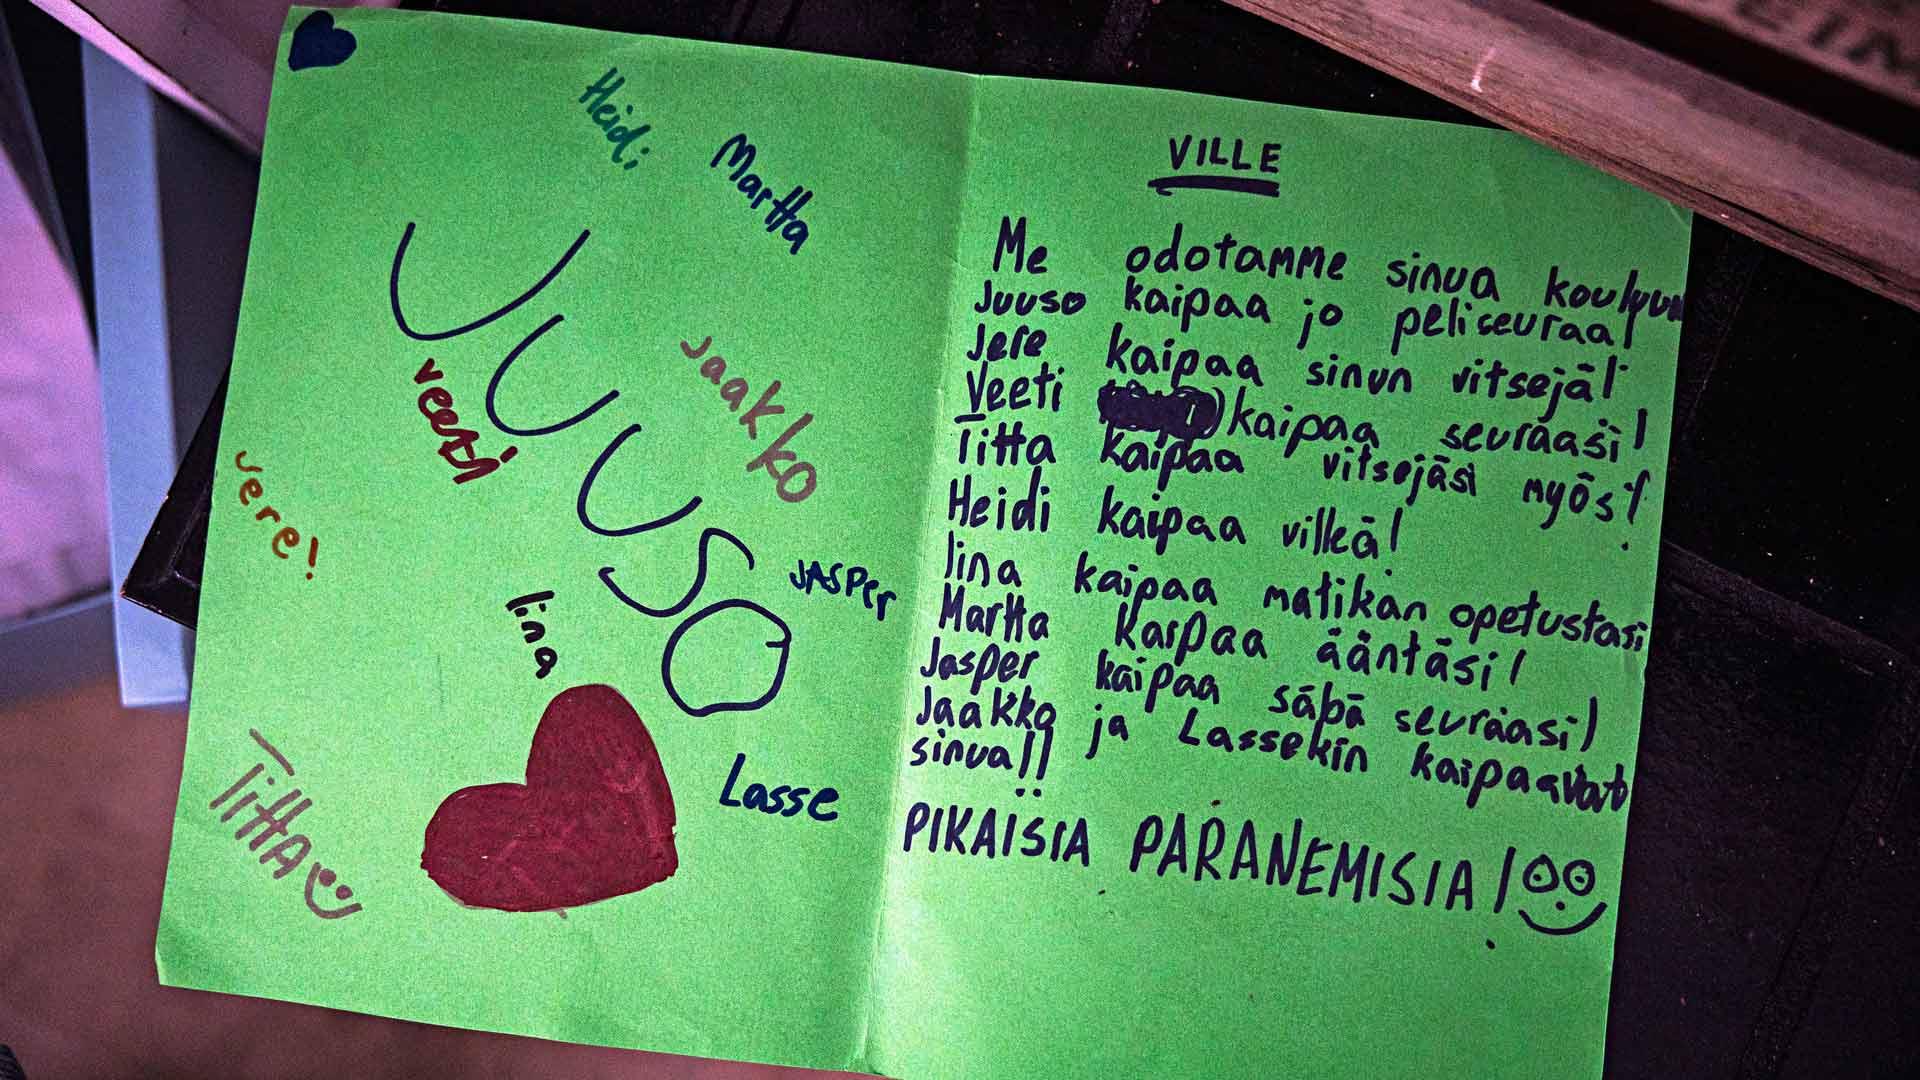 Luokkakaverit lähettivät Villelle terveisiä sairaalaan.